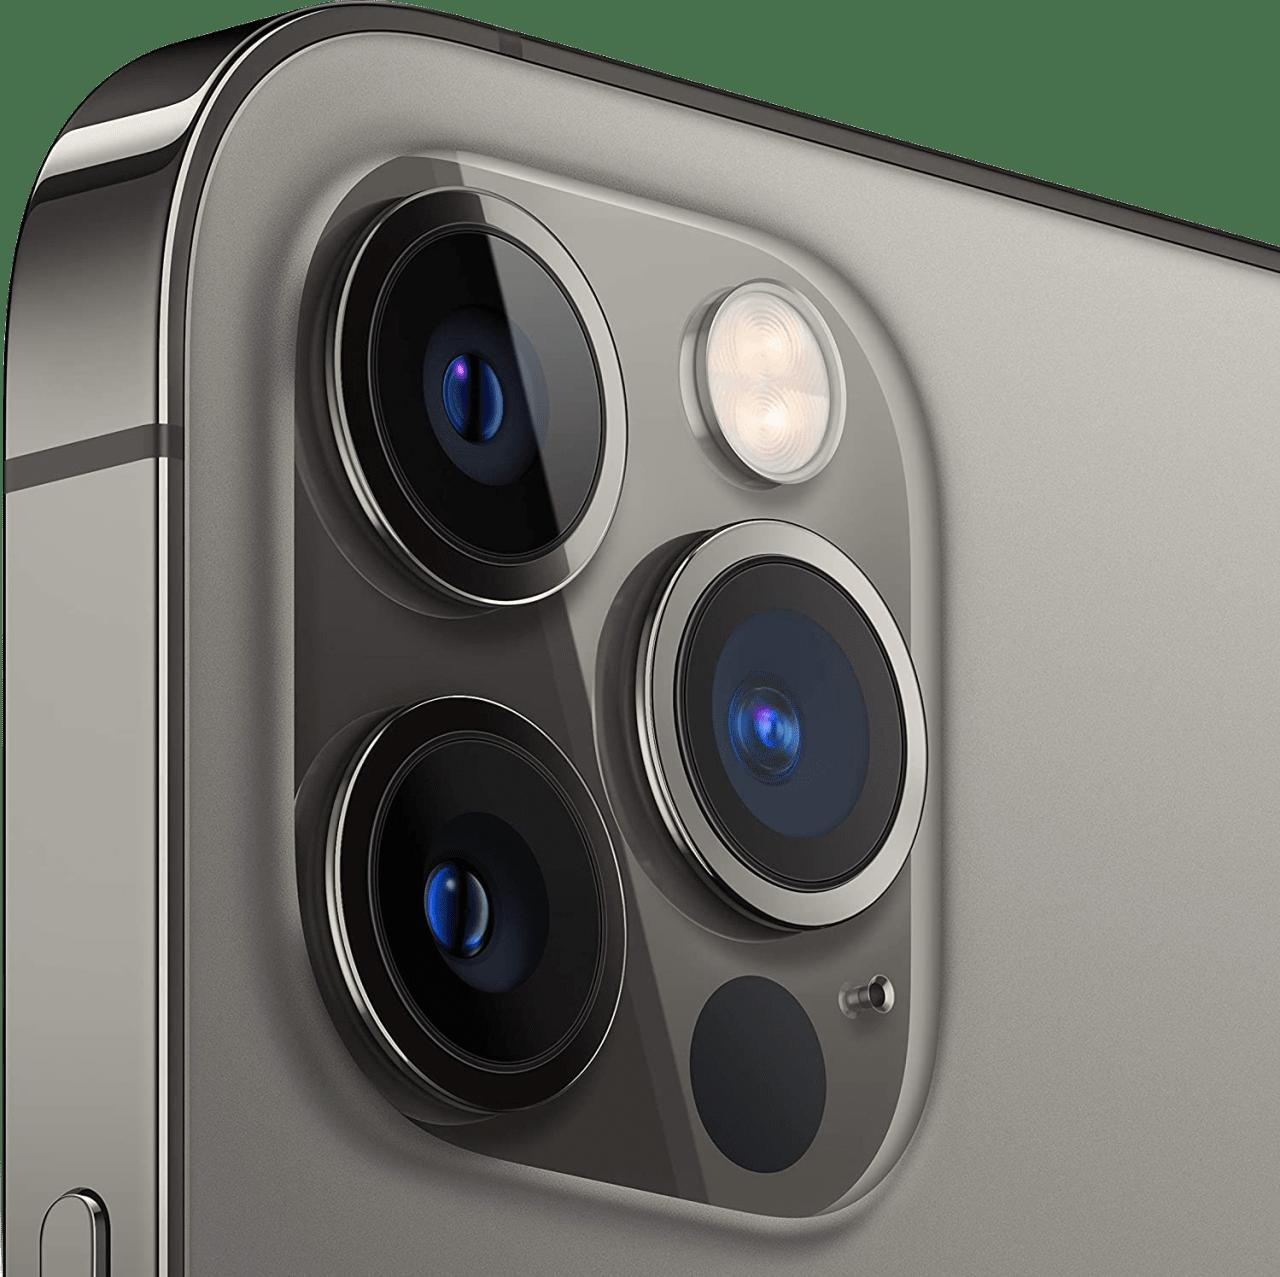 Graphite Apple iPhone 12 Pro - 128GB - Dual Sim.3